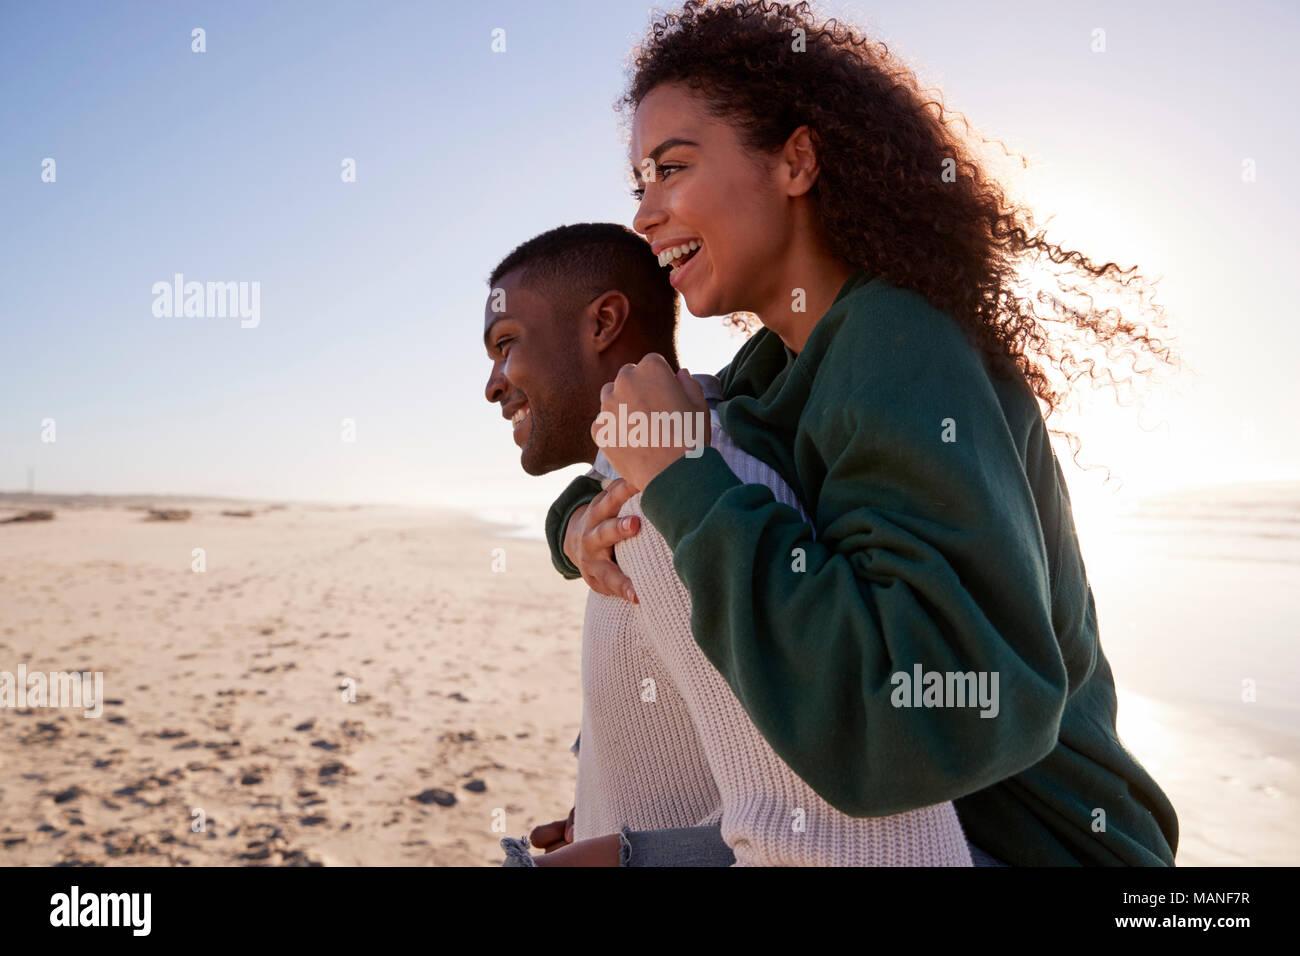 Uomo Donna dando piggyback sulla spiaggia invernale Vacanza Immagini Stock